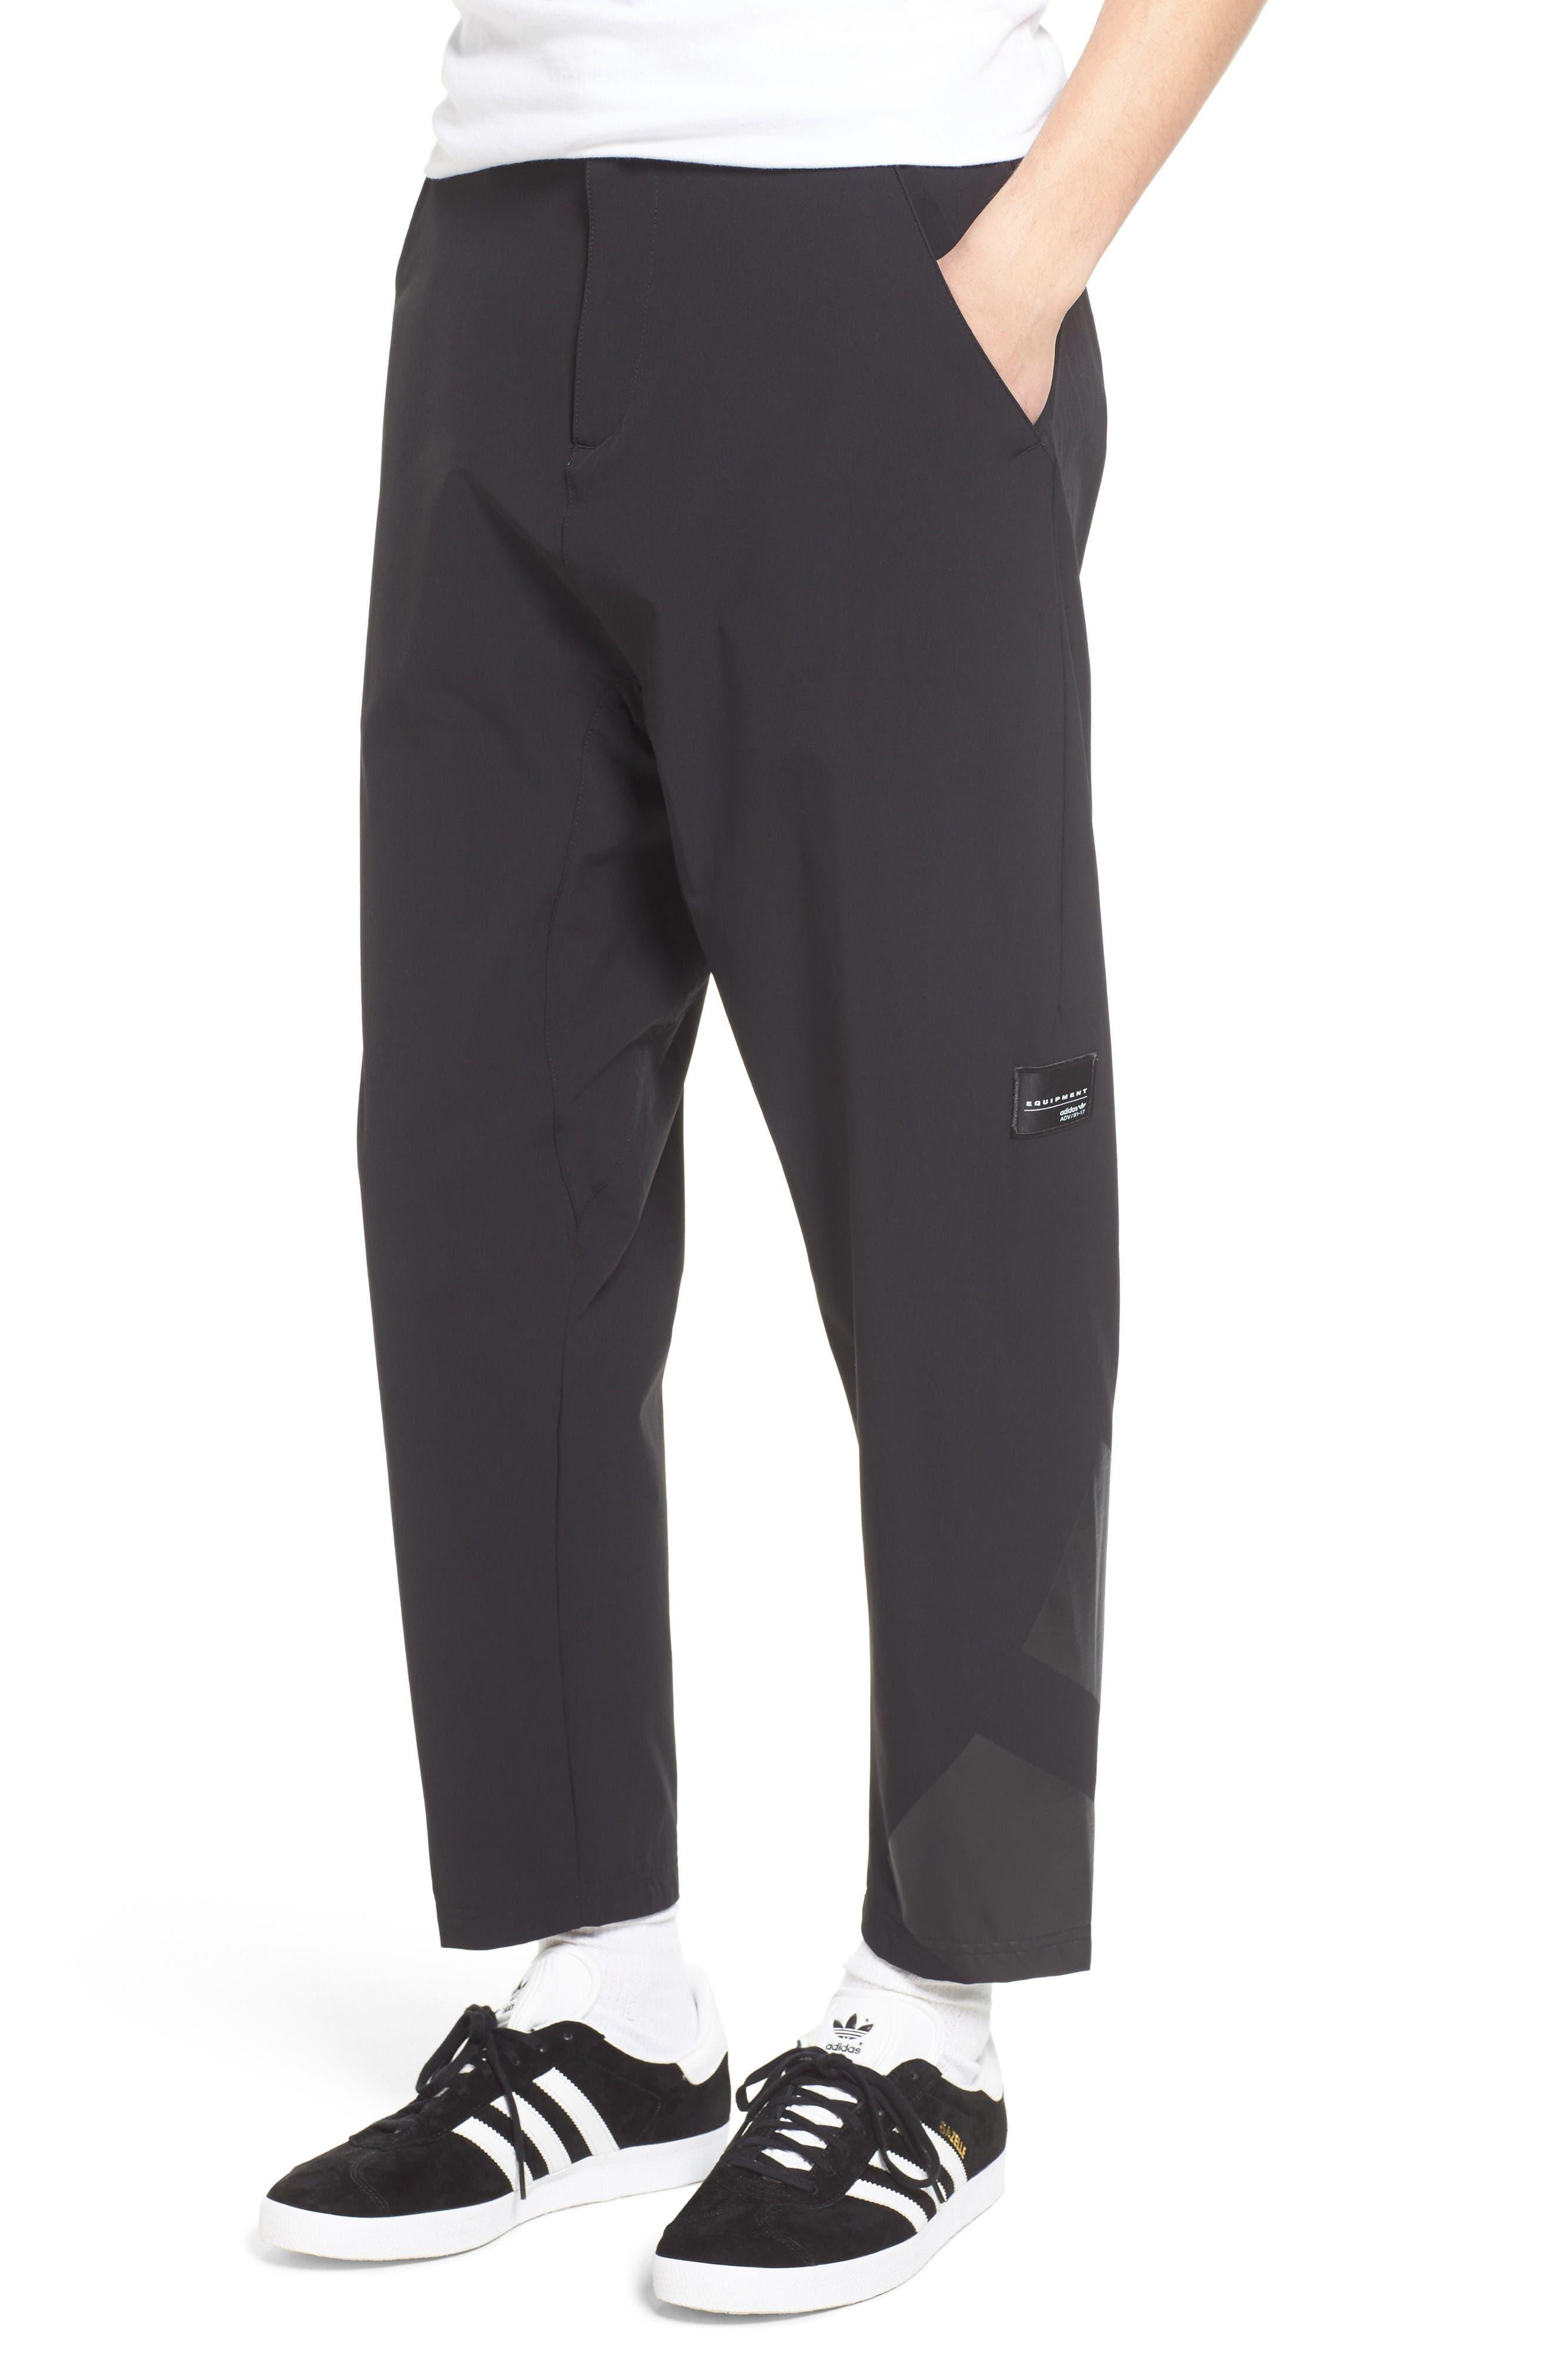 adidas Originals EQT Tapered Track Pants